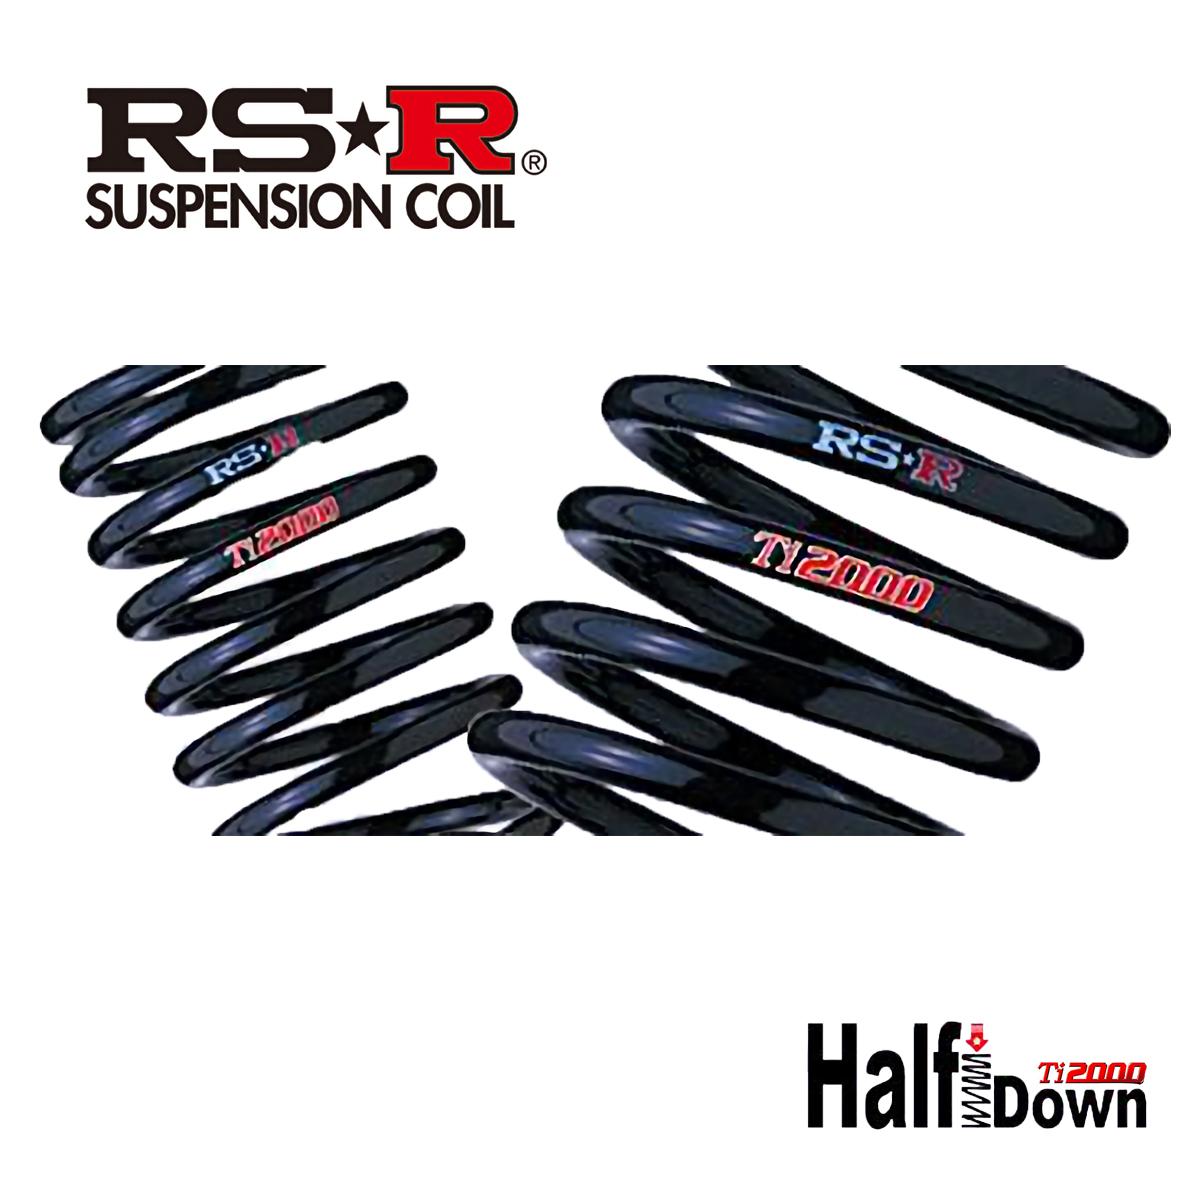 RS-R ウェイク X LA710S ダウンサス スプリング リアのみ D505THDR Ti2000 ハーフダウン RSR 個人宅発送追金有